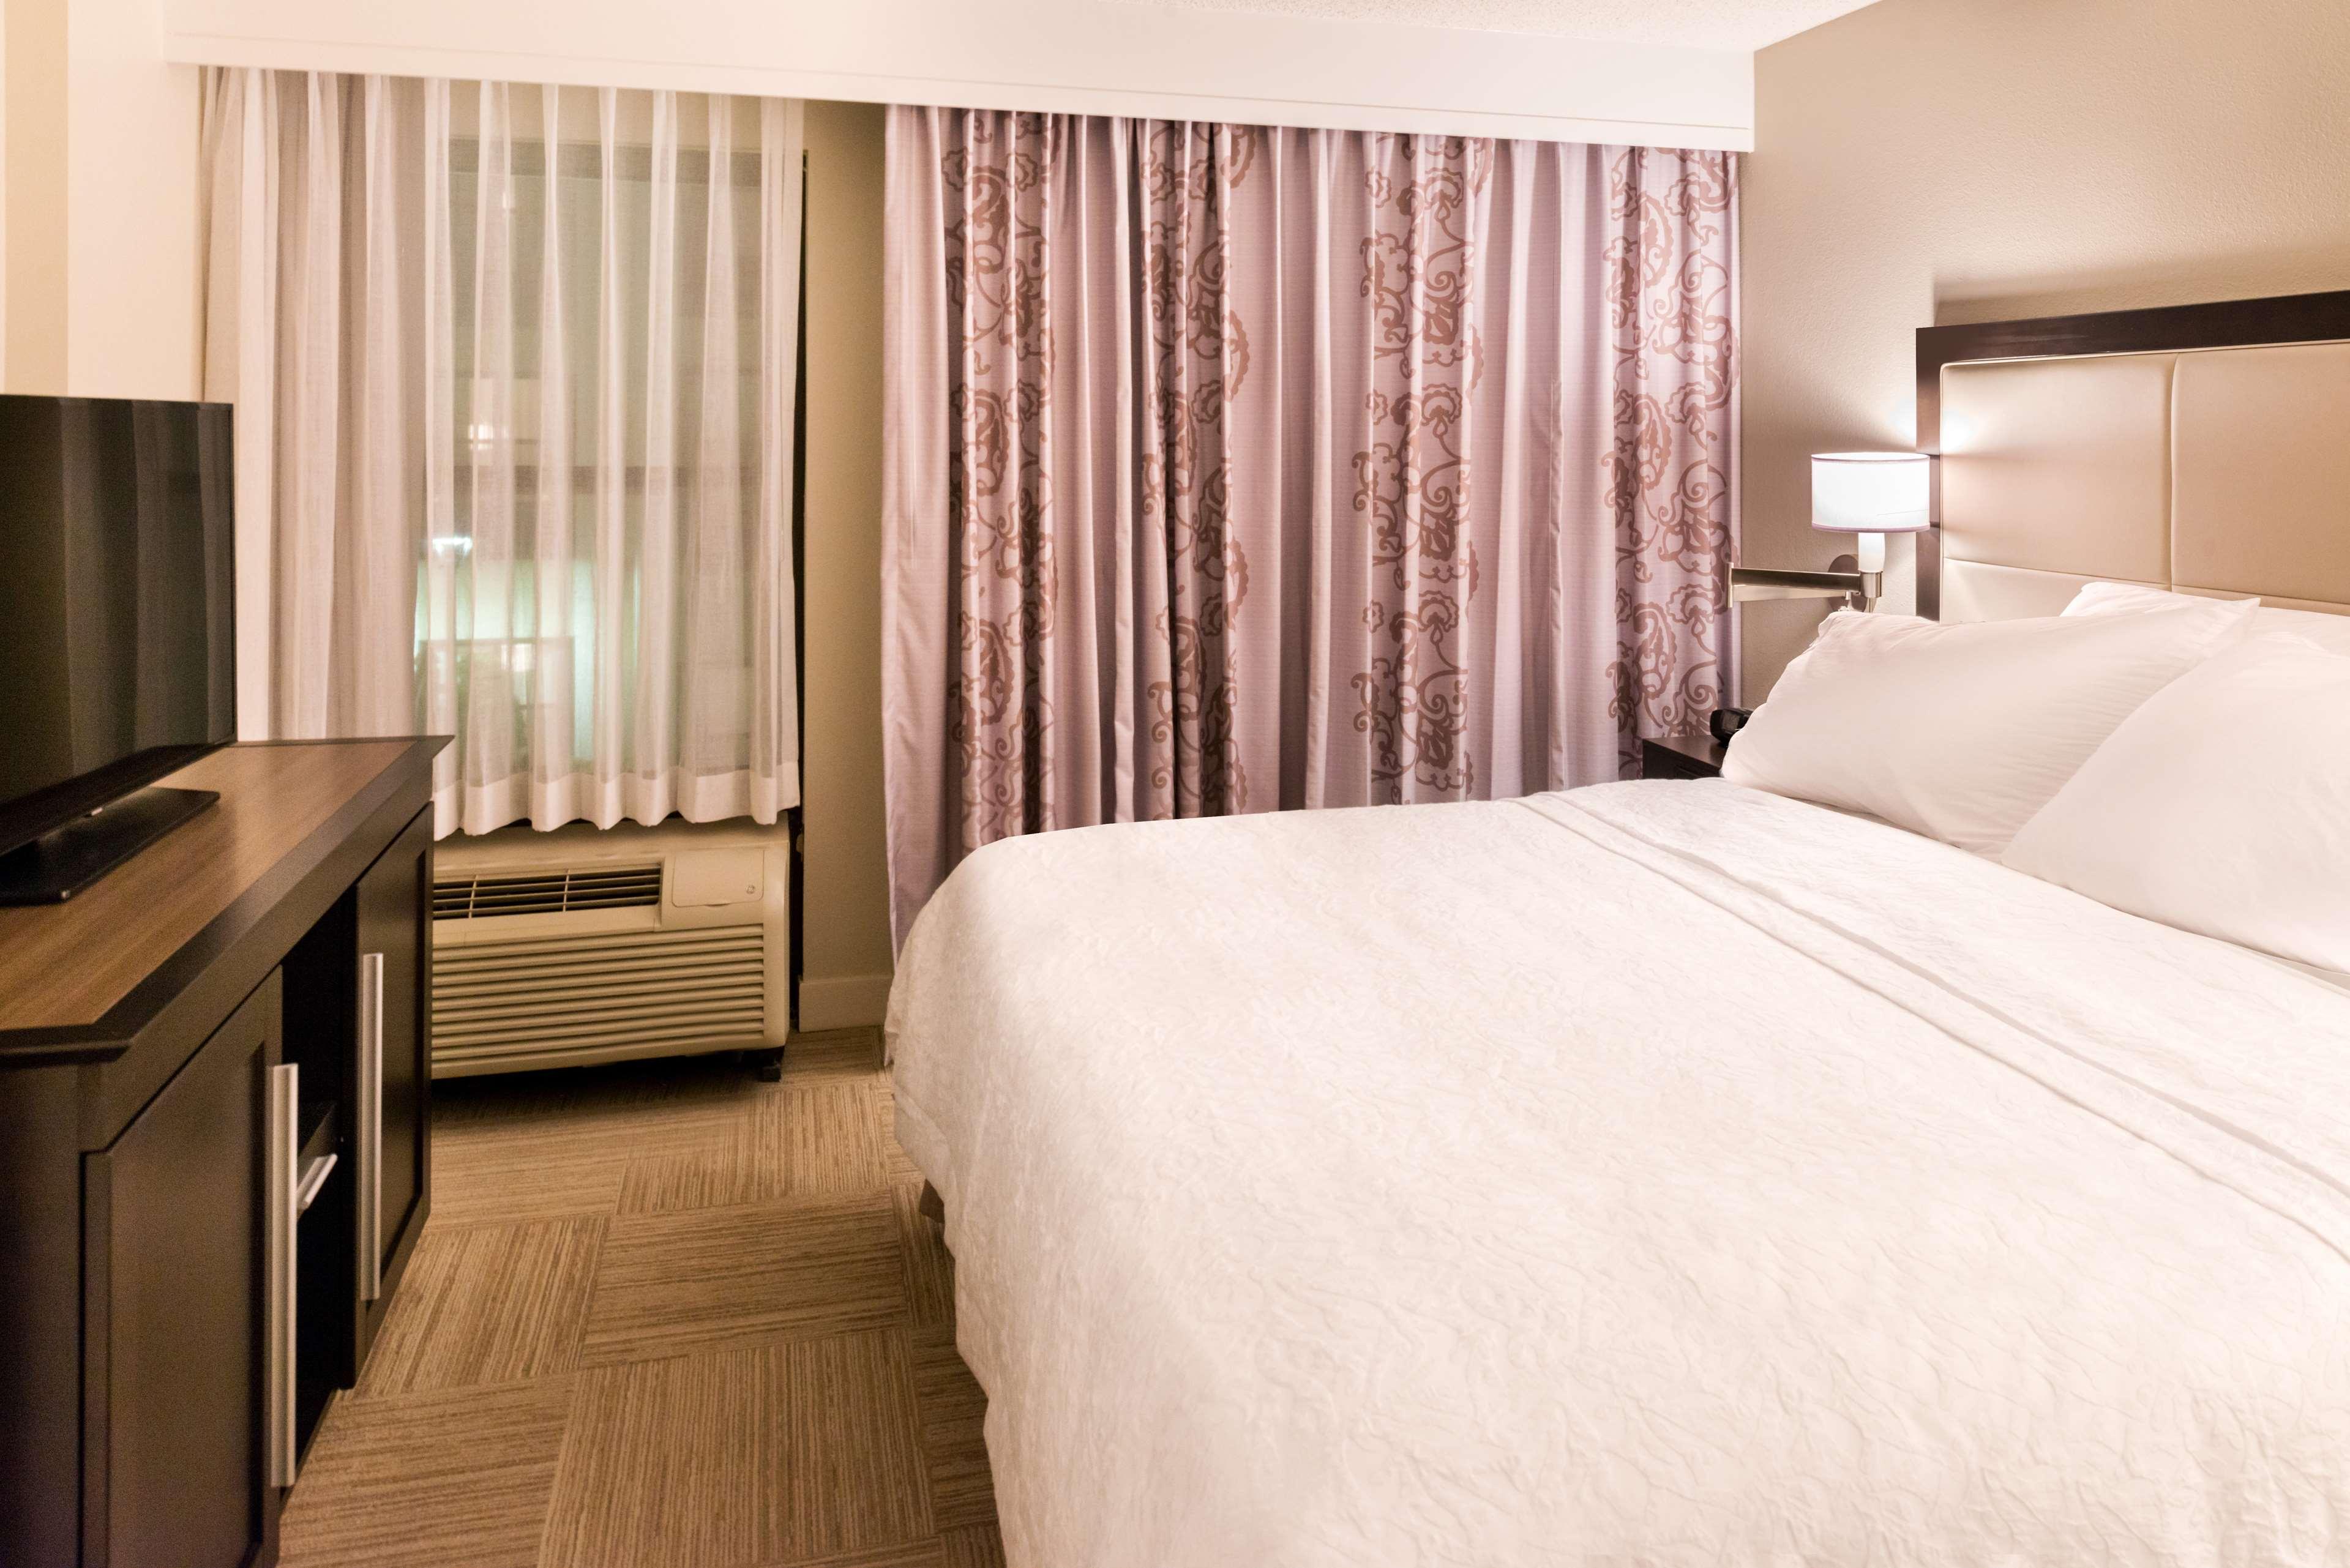 Hampton Inn & Suites Orlando/East UCF Area image 23